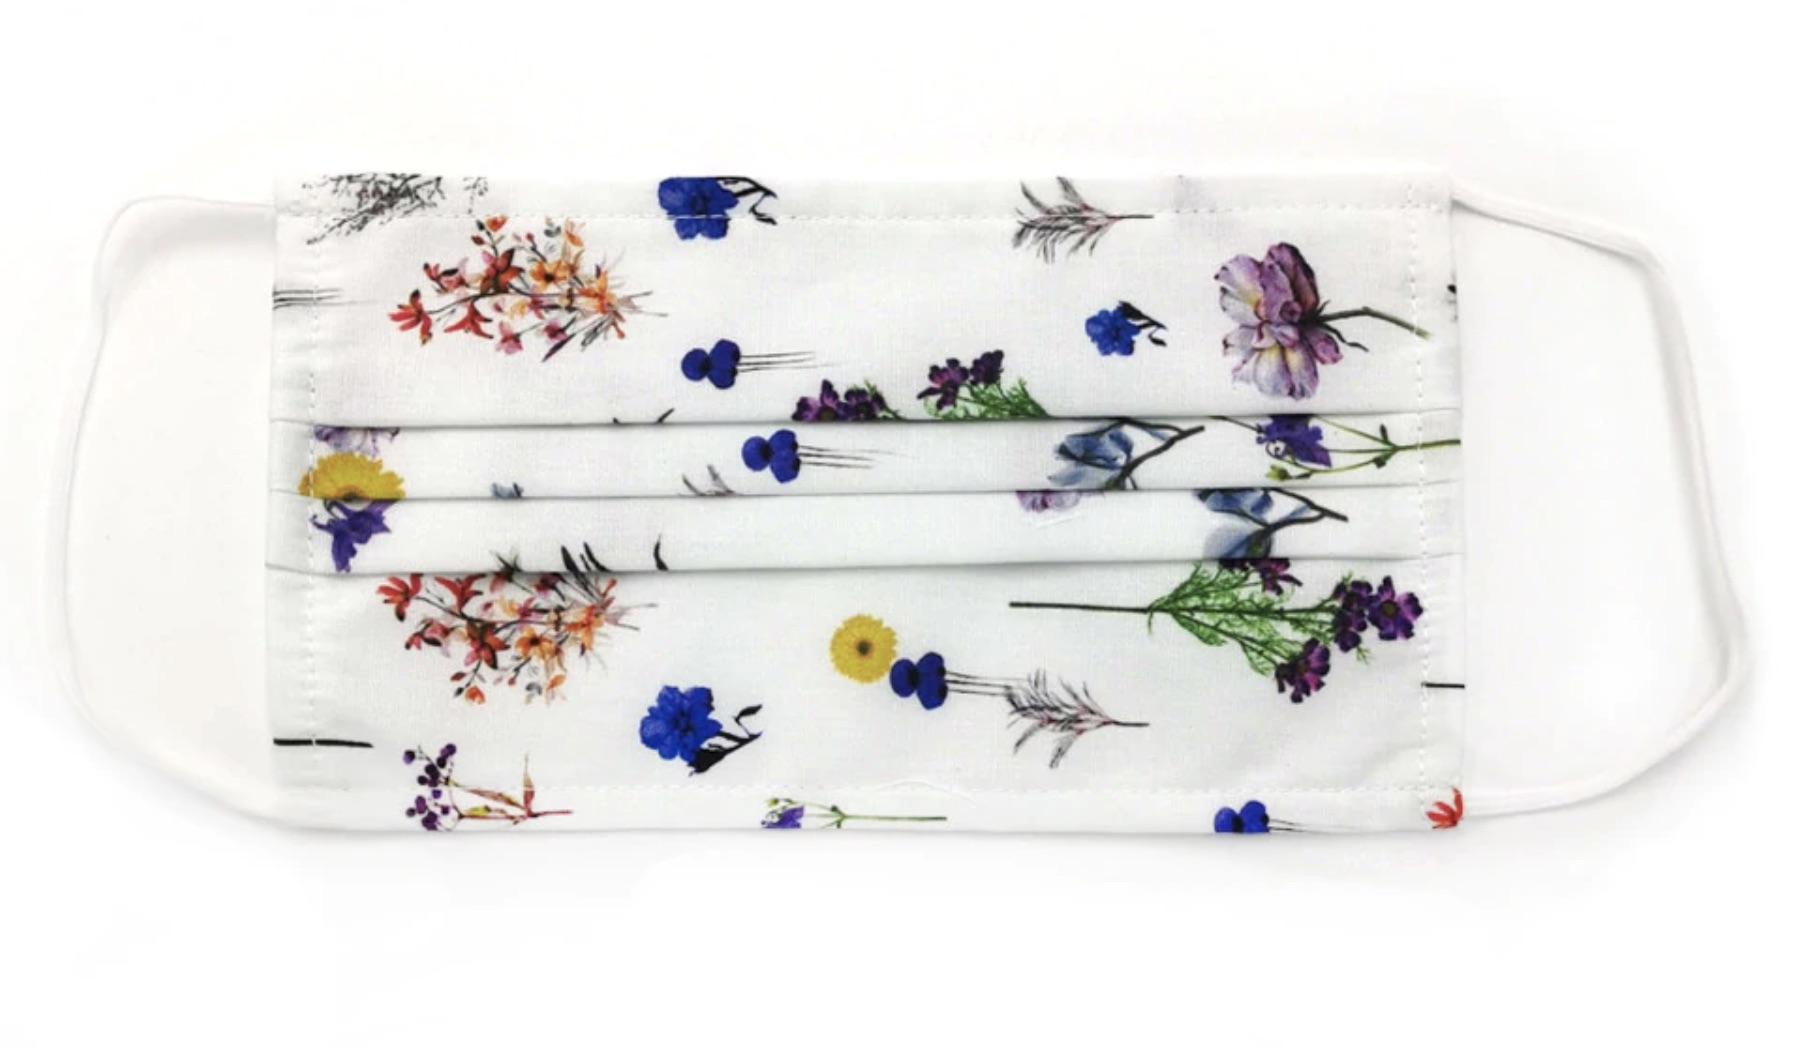 Mascarilla de tela higiénica lavable de algodón y filtro TNT con estampado floral en blanco.